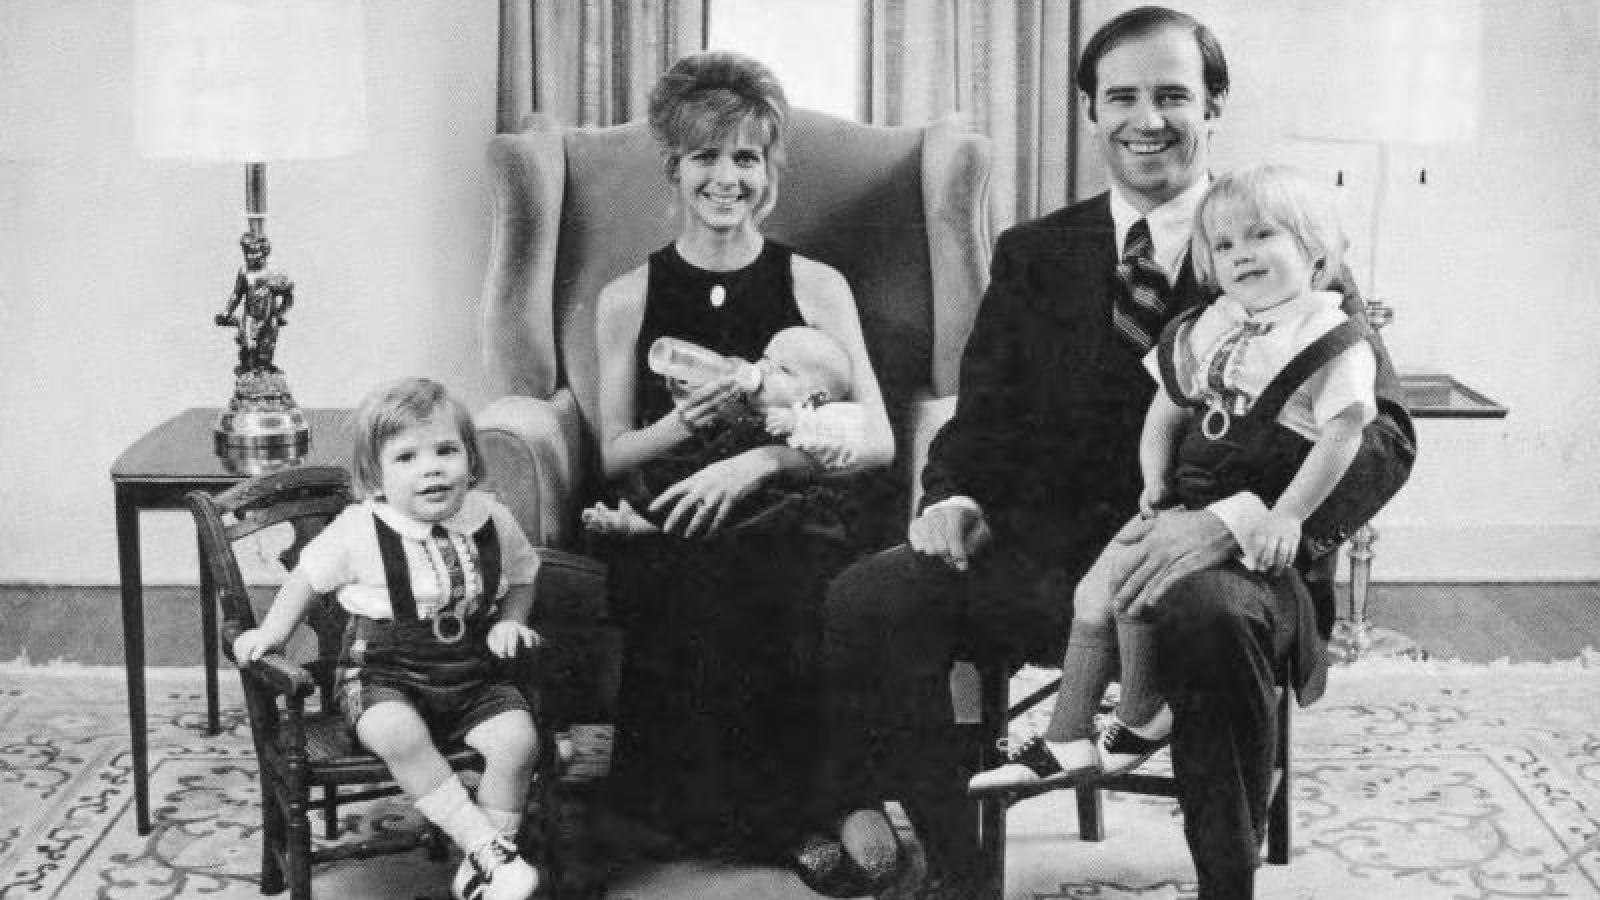 Điều ít biết về người vợ xấu số có ảnh hưởng lớn đến sự nghiệp của ông Joe Biden